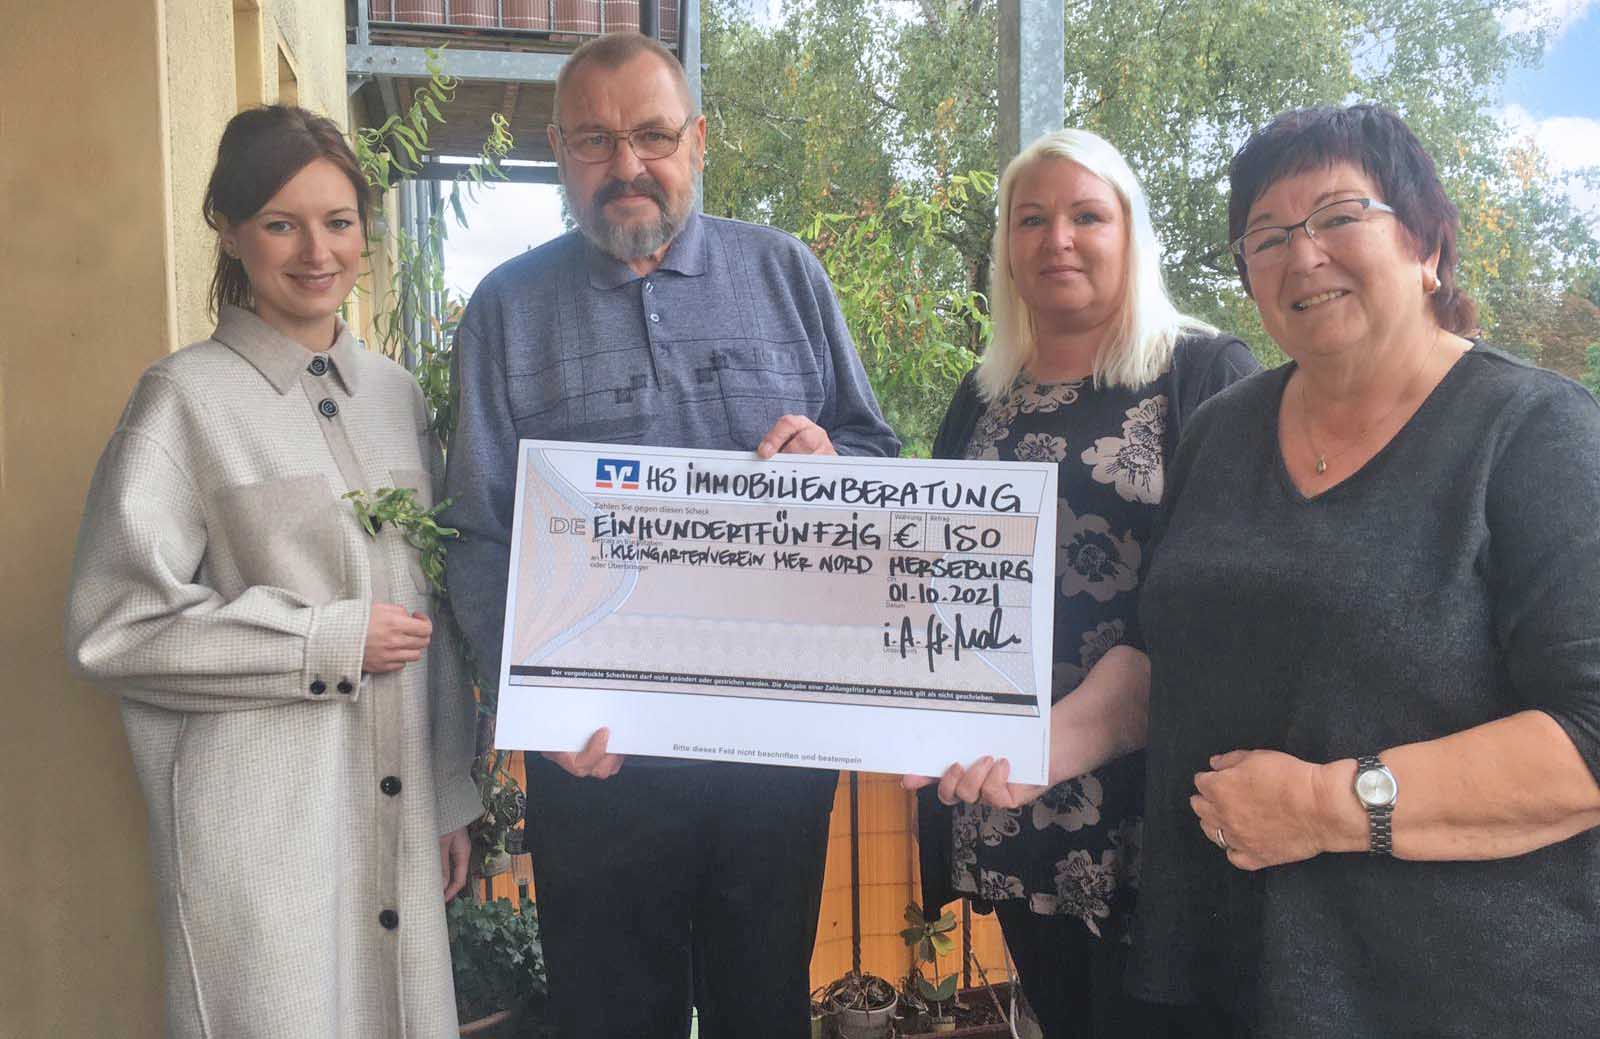 Immobilienmakler spenden 150 Euro an den 1. Kleingartenverein Merseburg Nord e.V.